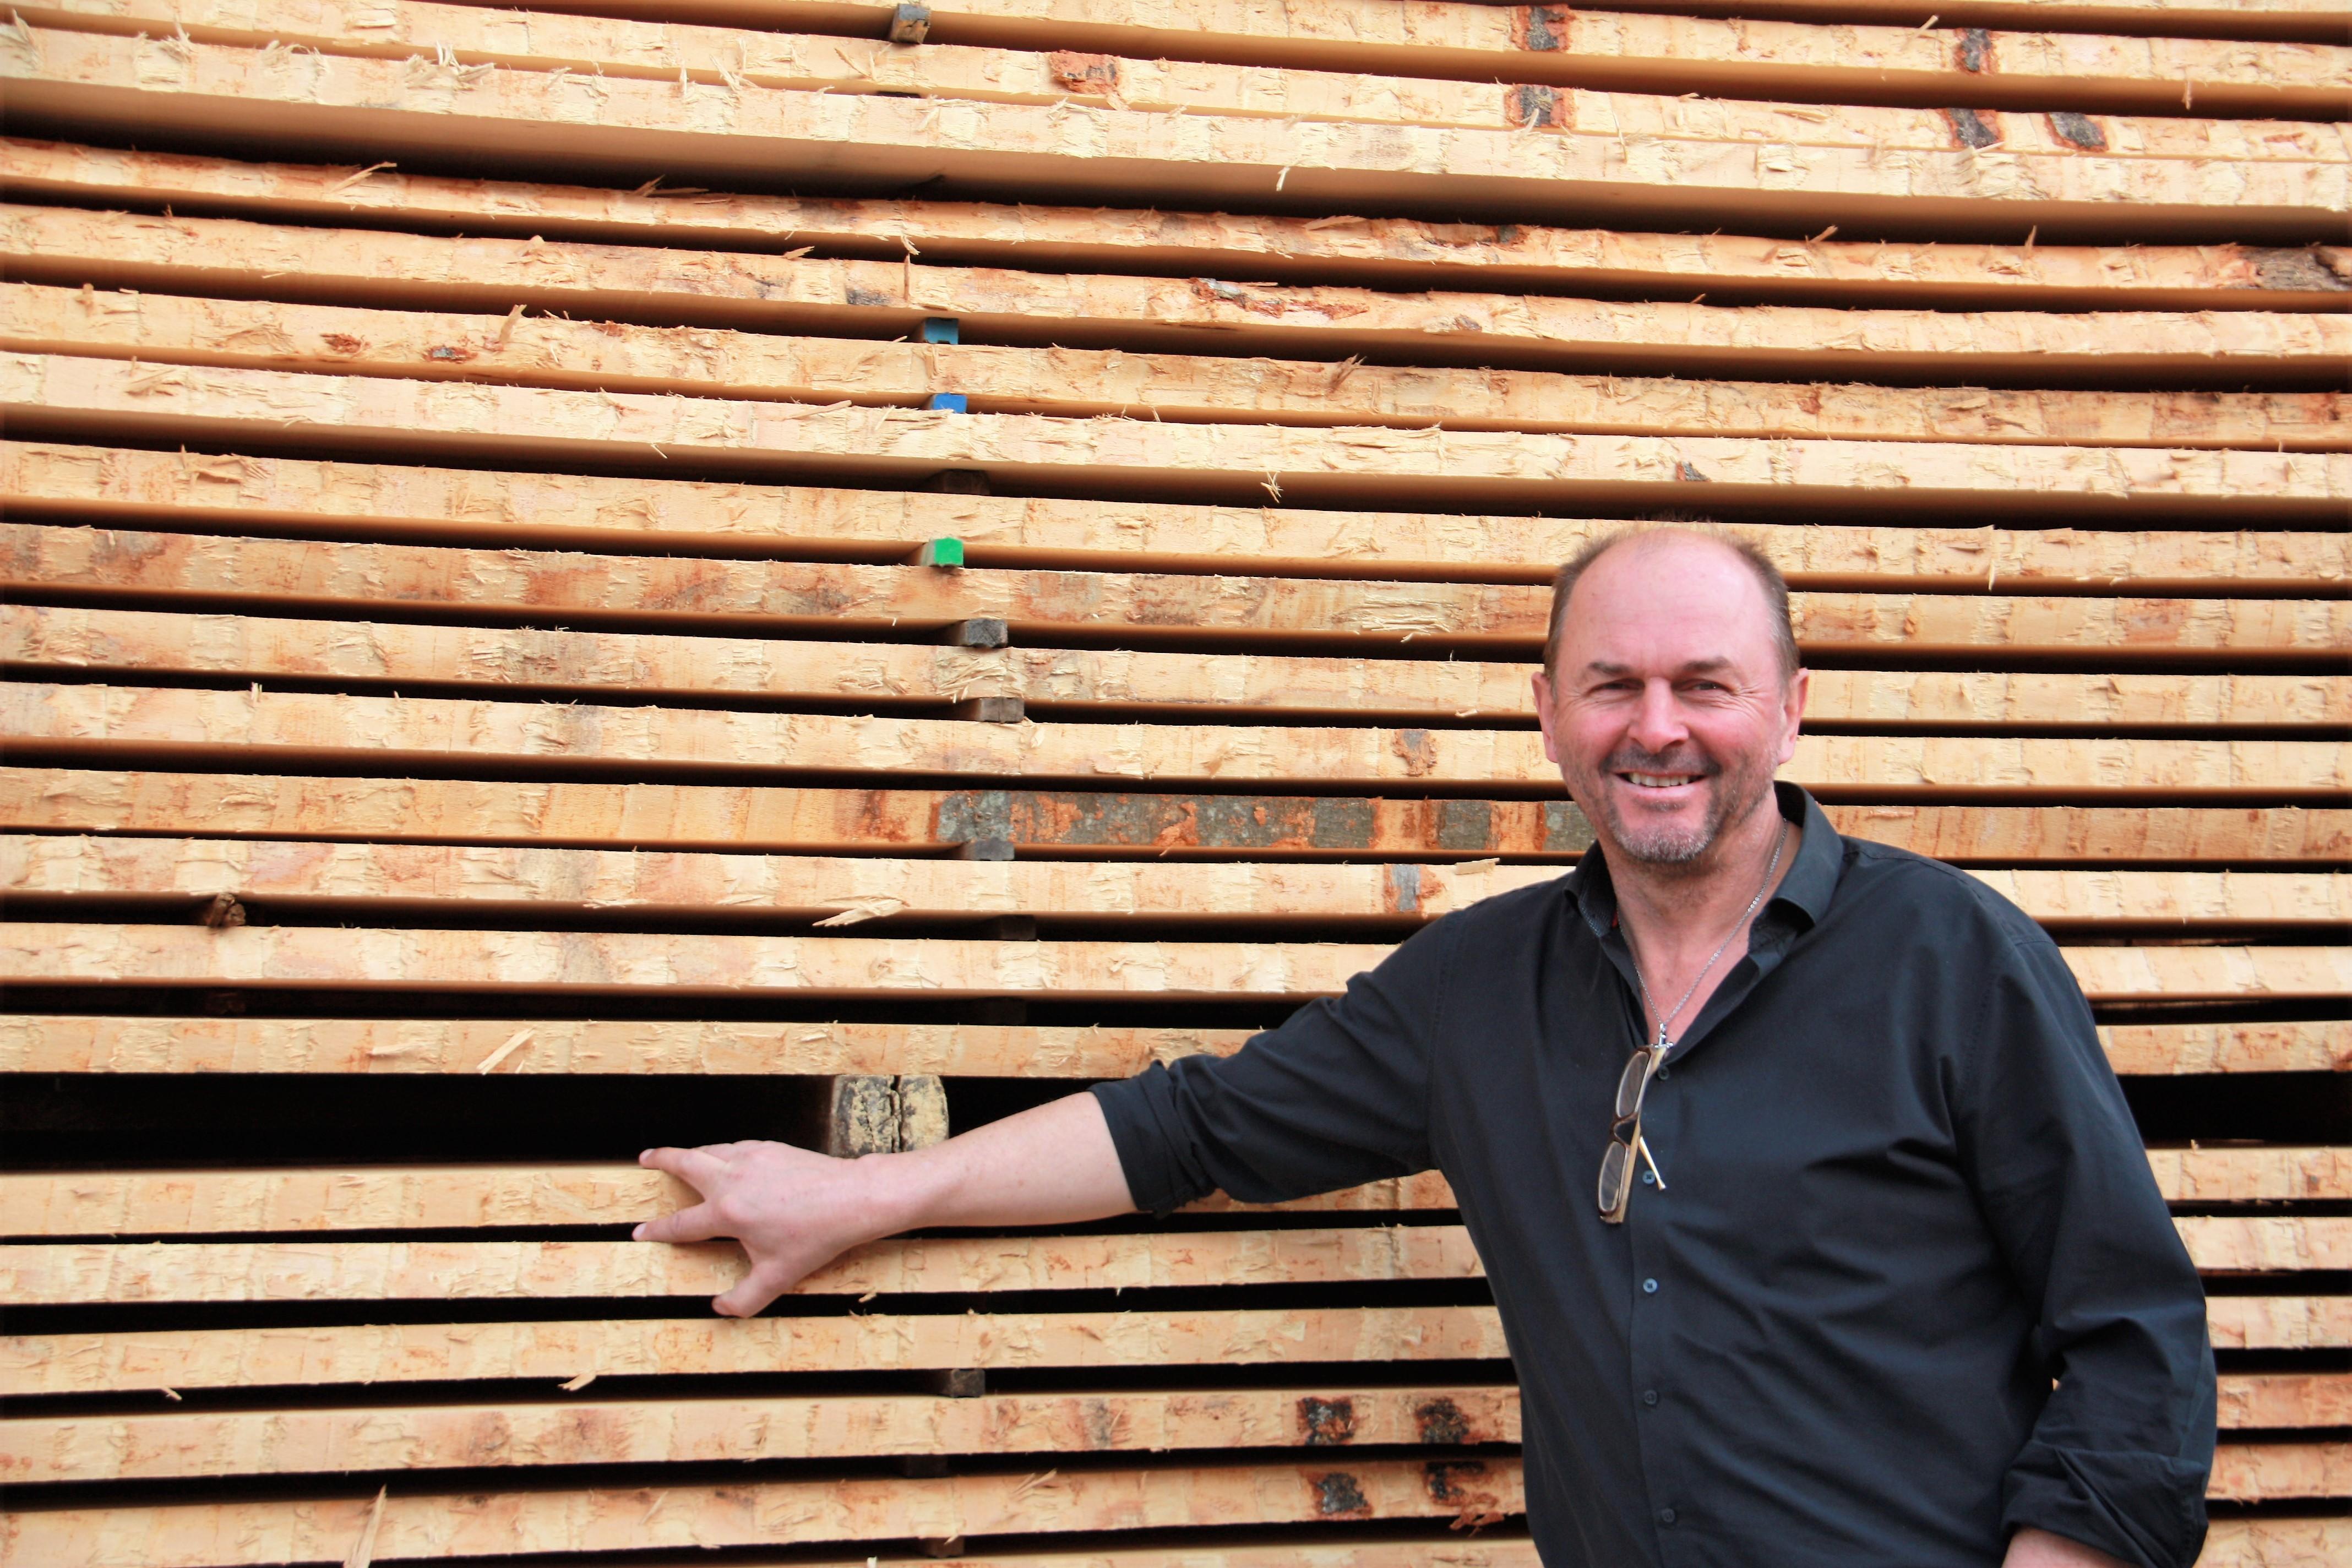 © Martina Egger - Herbert Wimmer, CEO WIHO Sägewerk Kuchl und Mitbegründer des Vereins Holzgemeinde Kuchl, freut sich auf das geniale Holzfest im Oktober